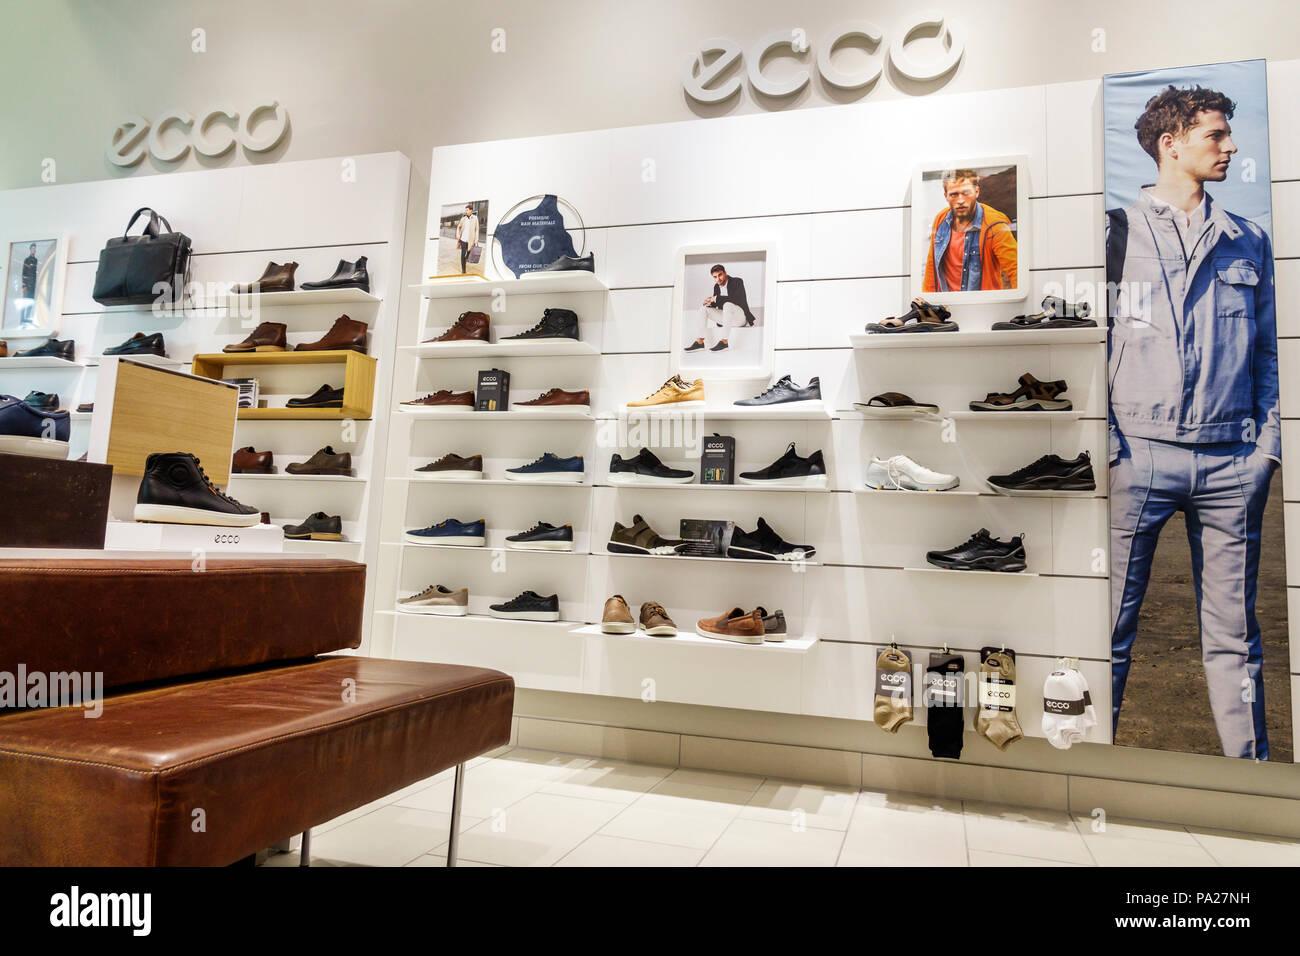 chaussures ecco détaillant